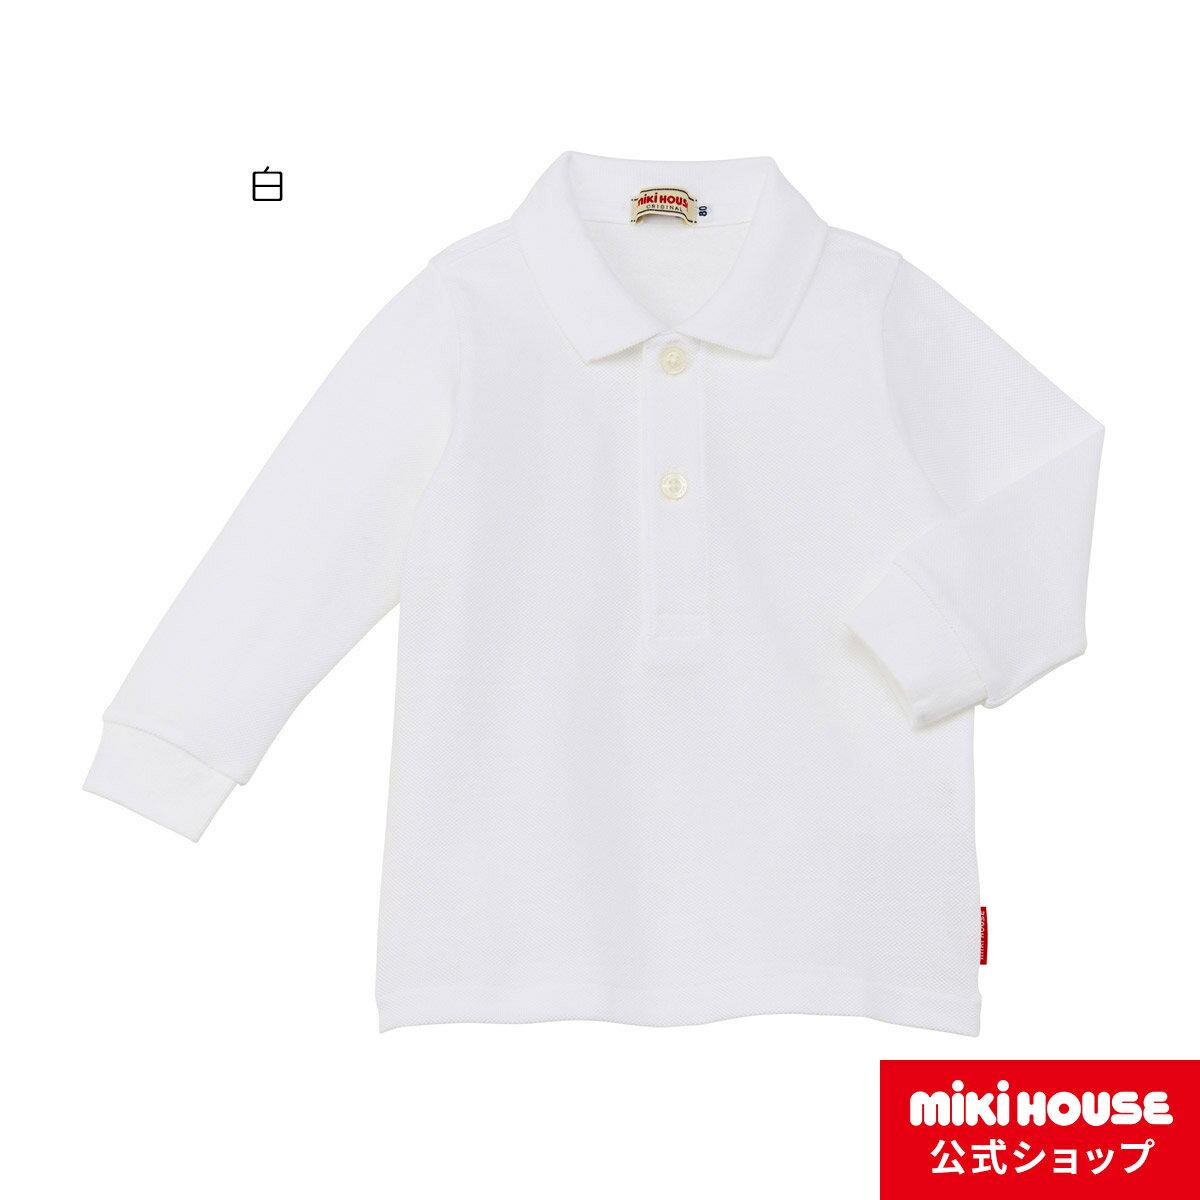 ミキハウス mikihouse Every Day mikihouse 長袖ポロシャツ(80cm-150cm)